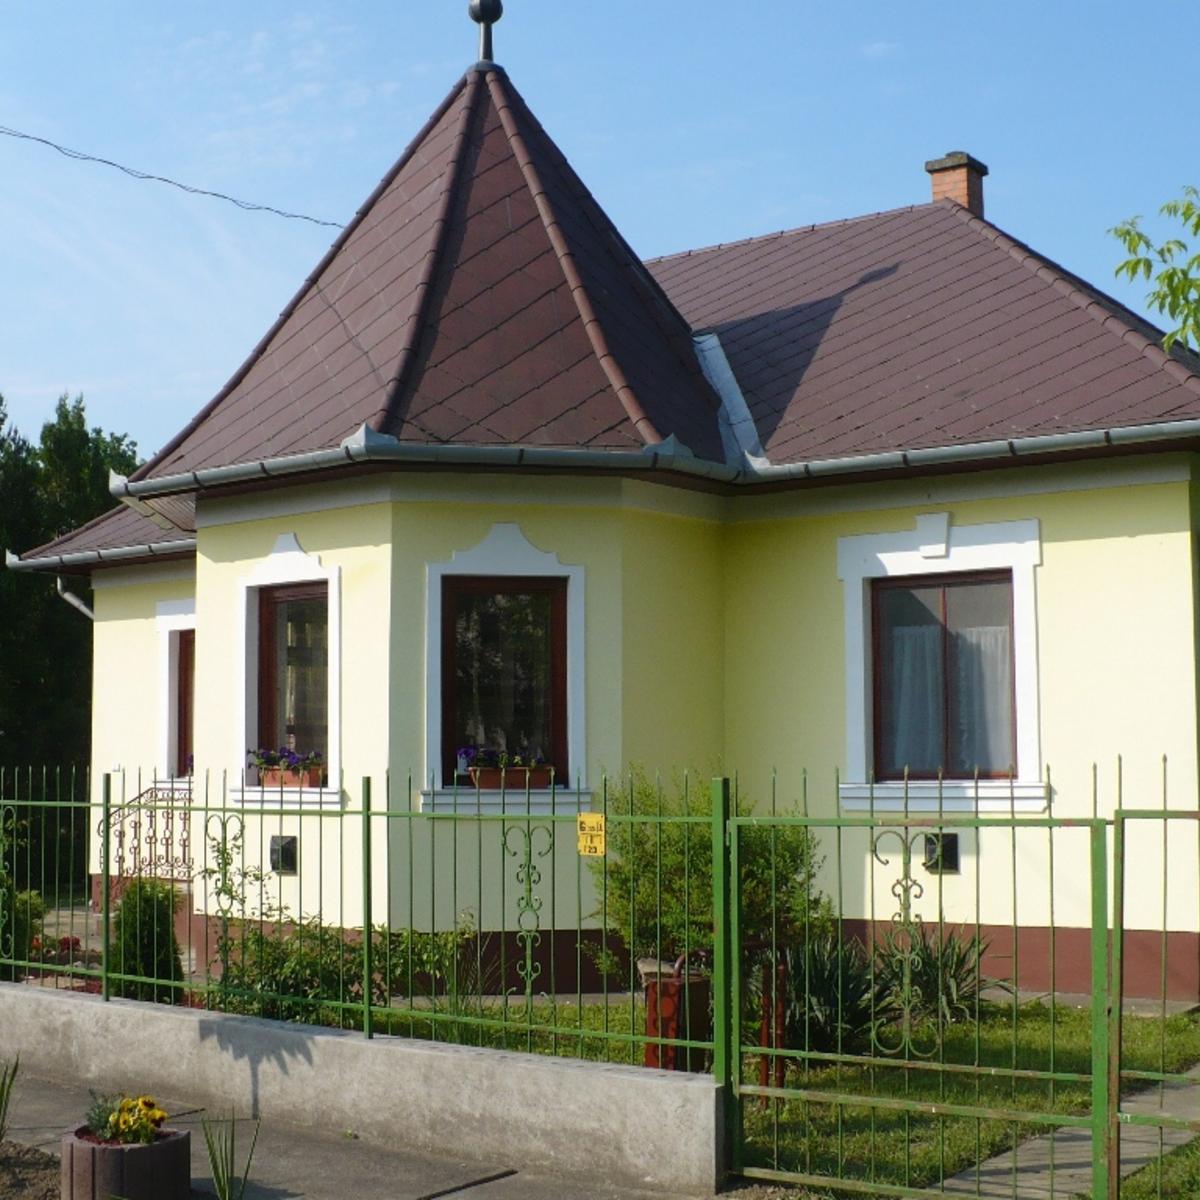 Eladó  családi ház (Jász-Nagykun-Szolnok megye, Berekfürdő, Fátyol) 24,5 M  Ft